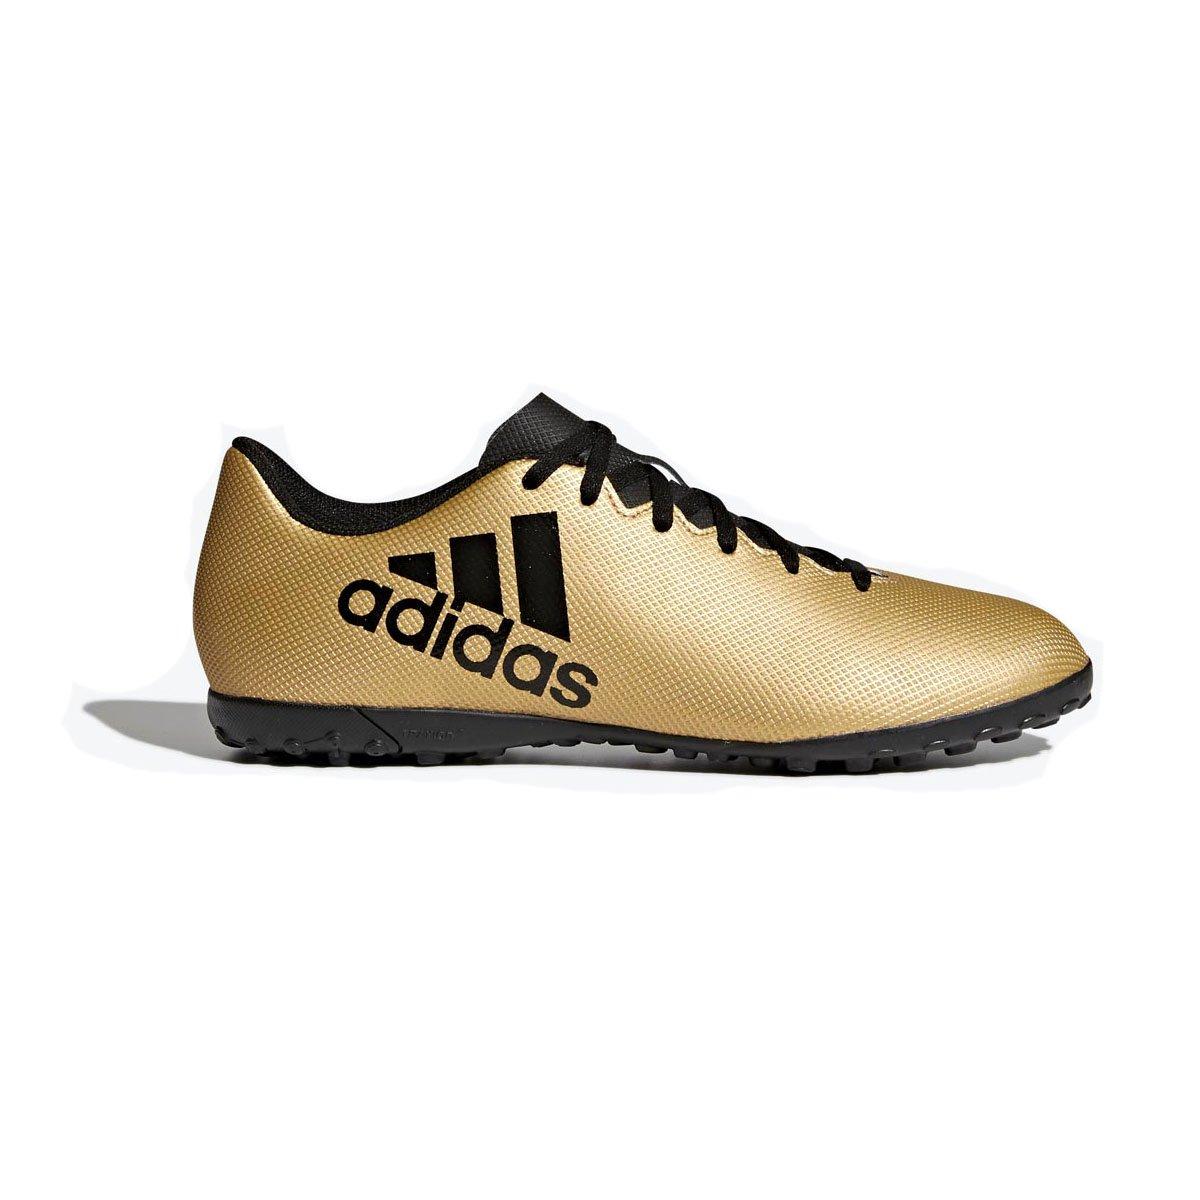 8a568358a08d3 Tenis Soccer X Tango 17.4 Tf Adidas - Caballero